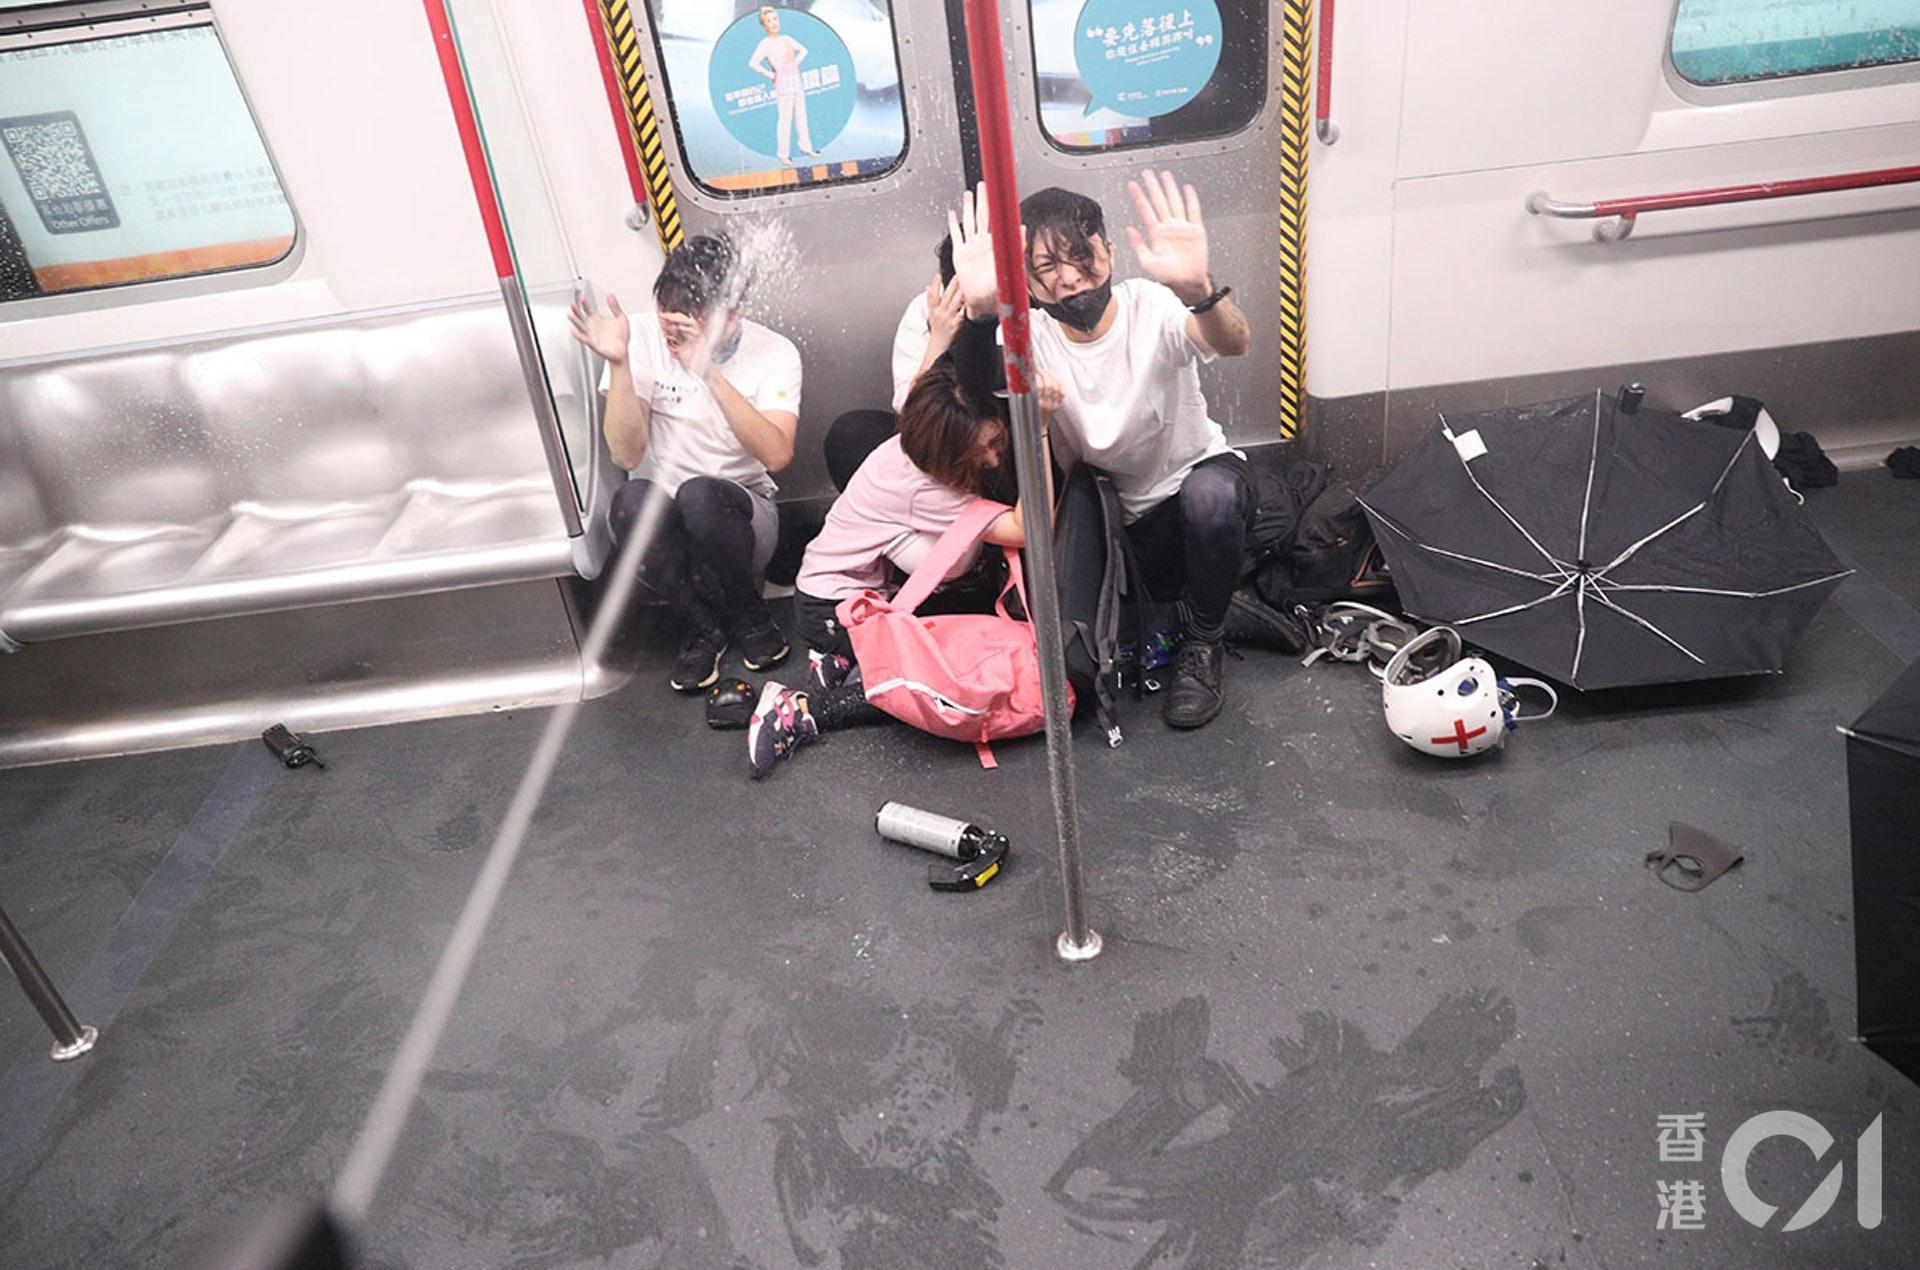 8月31日晚,太子站發生嚴重衝突,警方向車廂內發射胡椒噴霧,在車內的人求饒。(余俊亮攝)